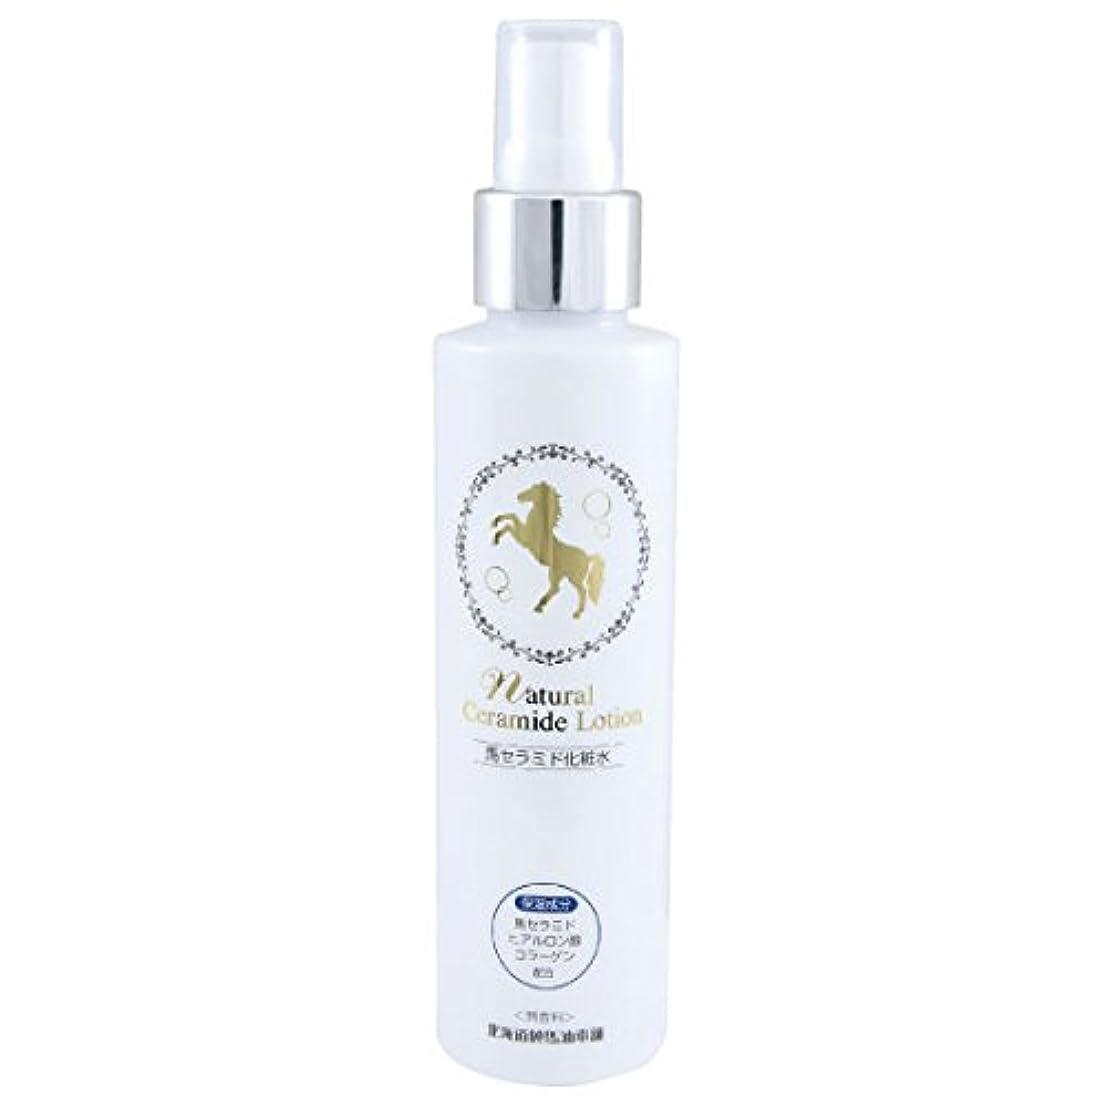 オピエート変数臭いナチュラルセラミドローション(馬セラミド化粧水) 150mL